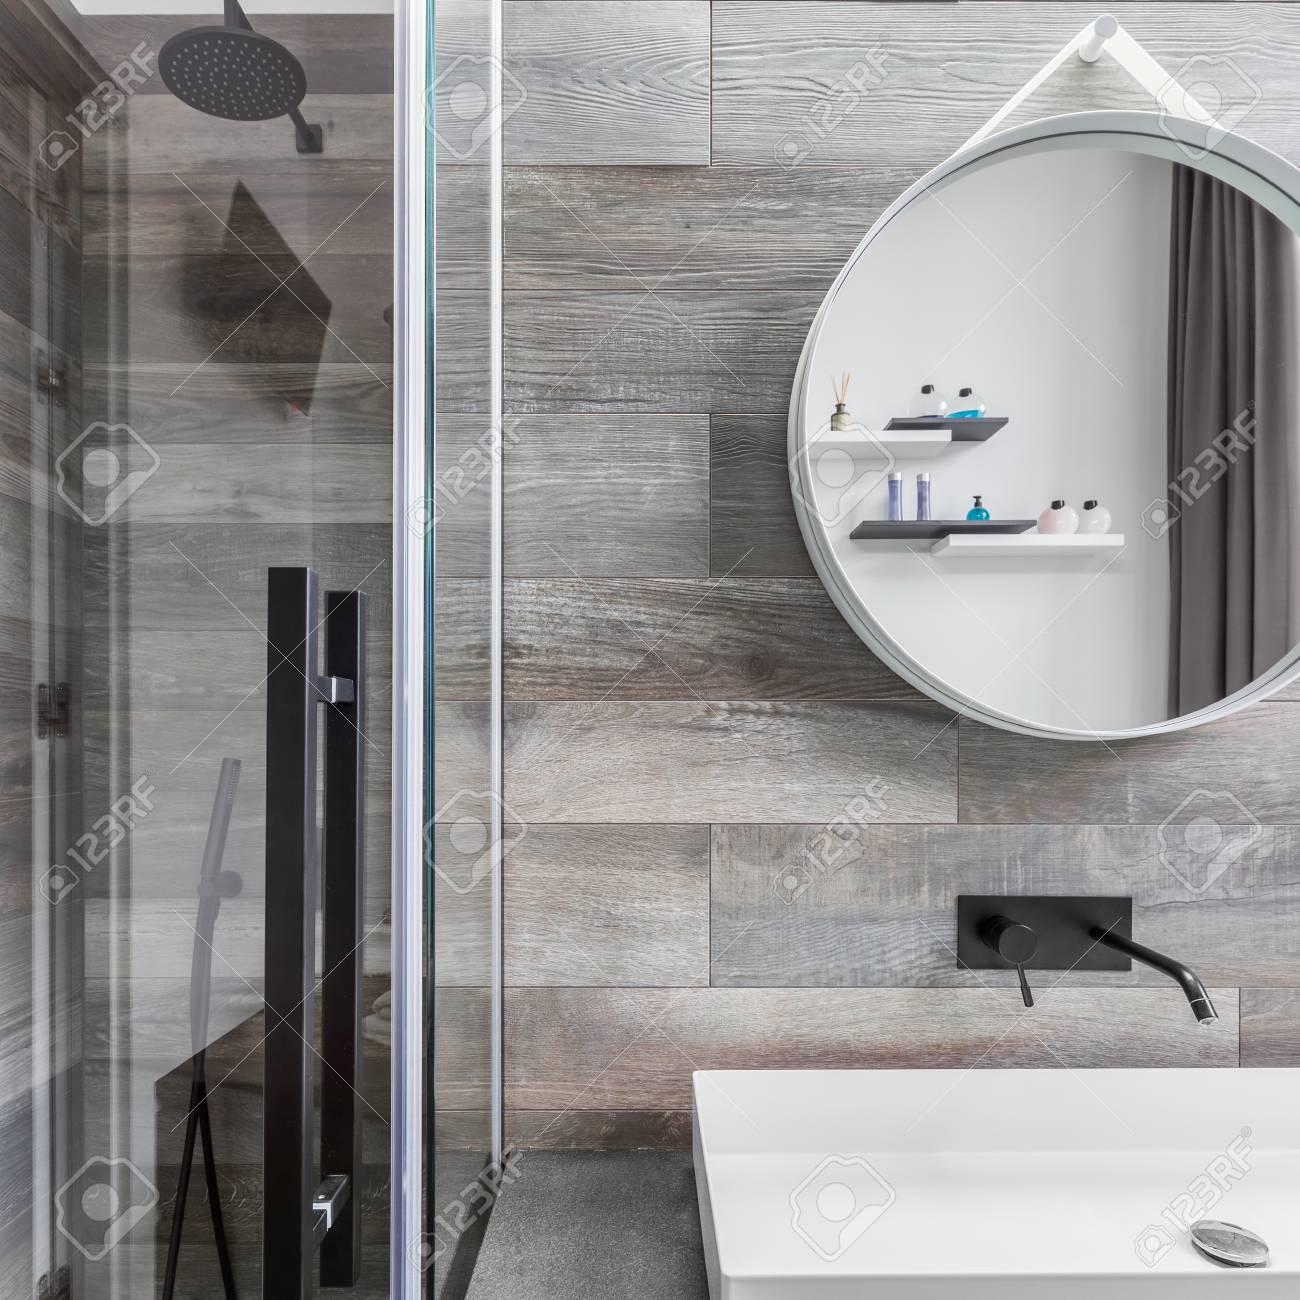 Cuarto de baño con plato de ducha, lavabo encimera y azulejos efecto madera